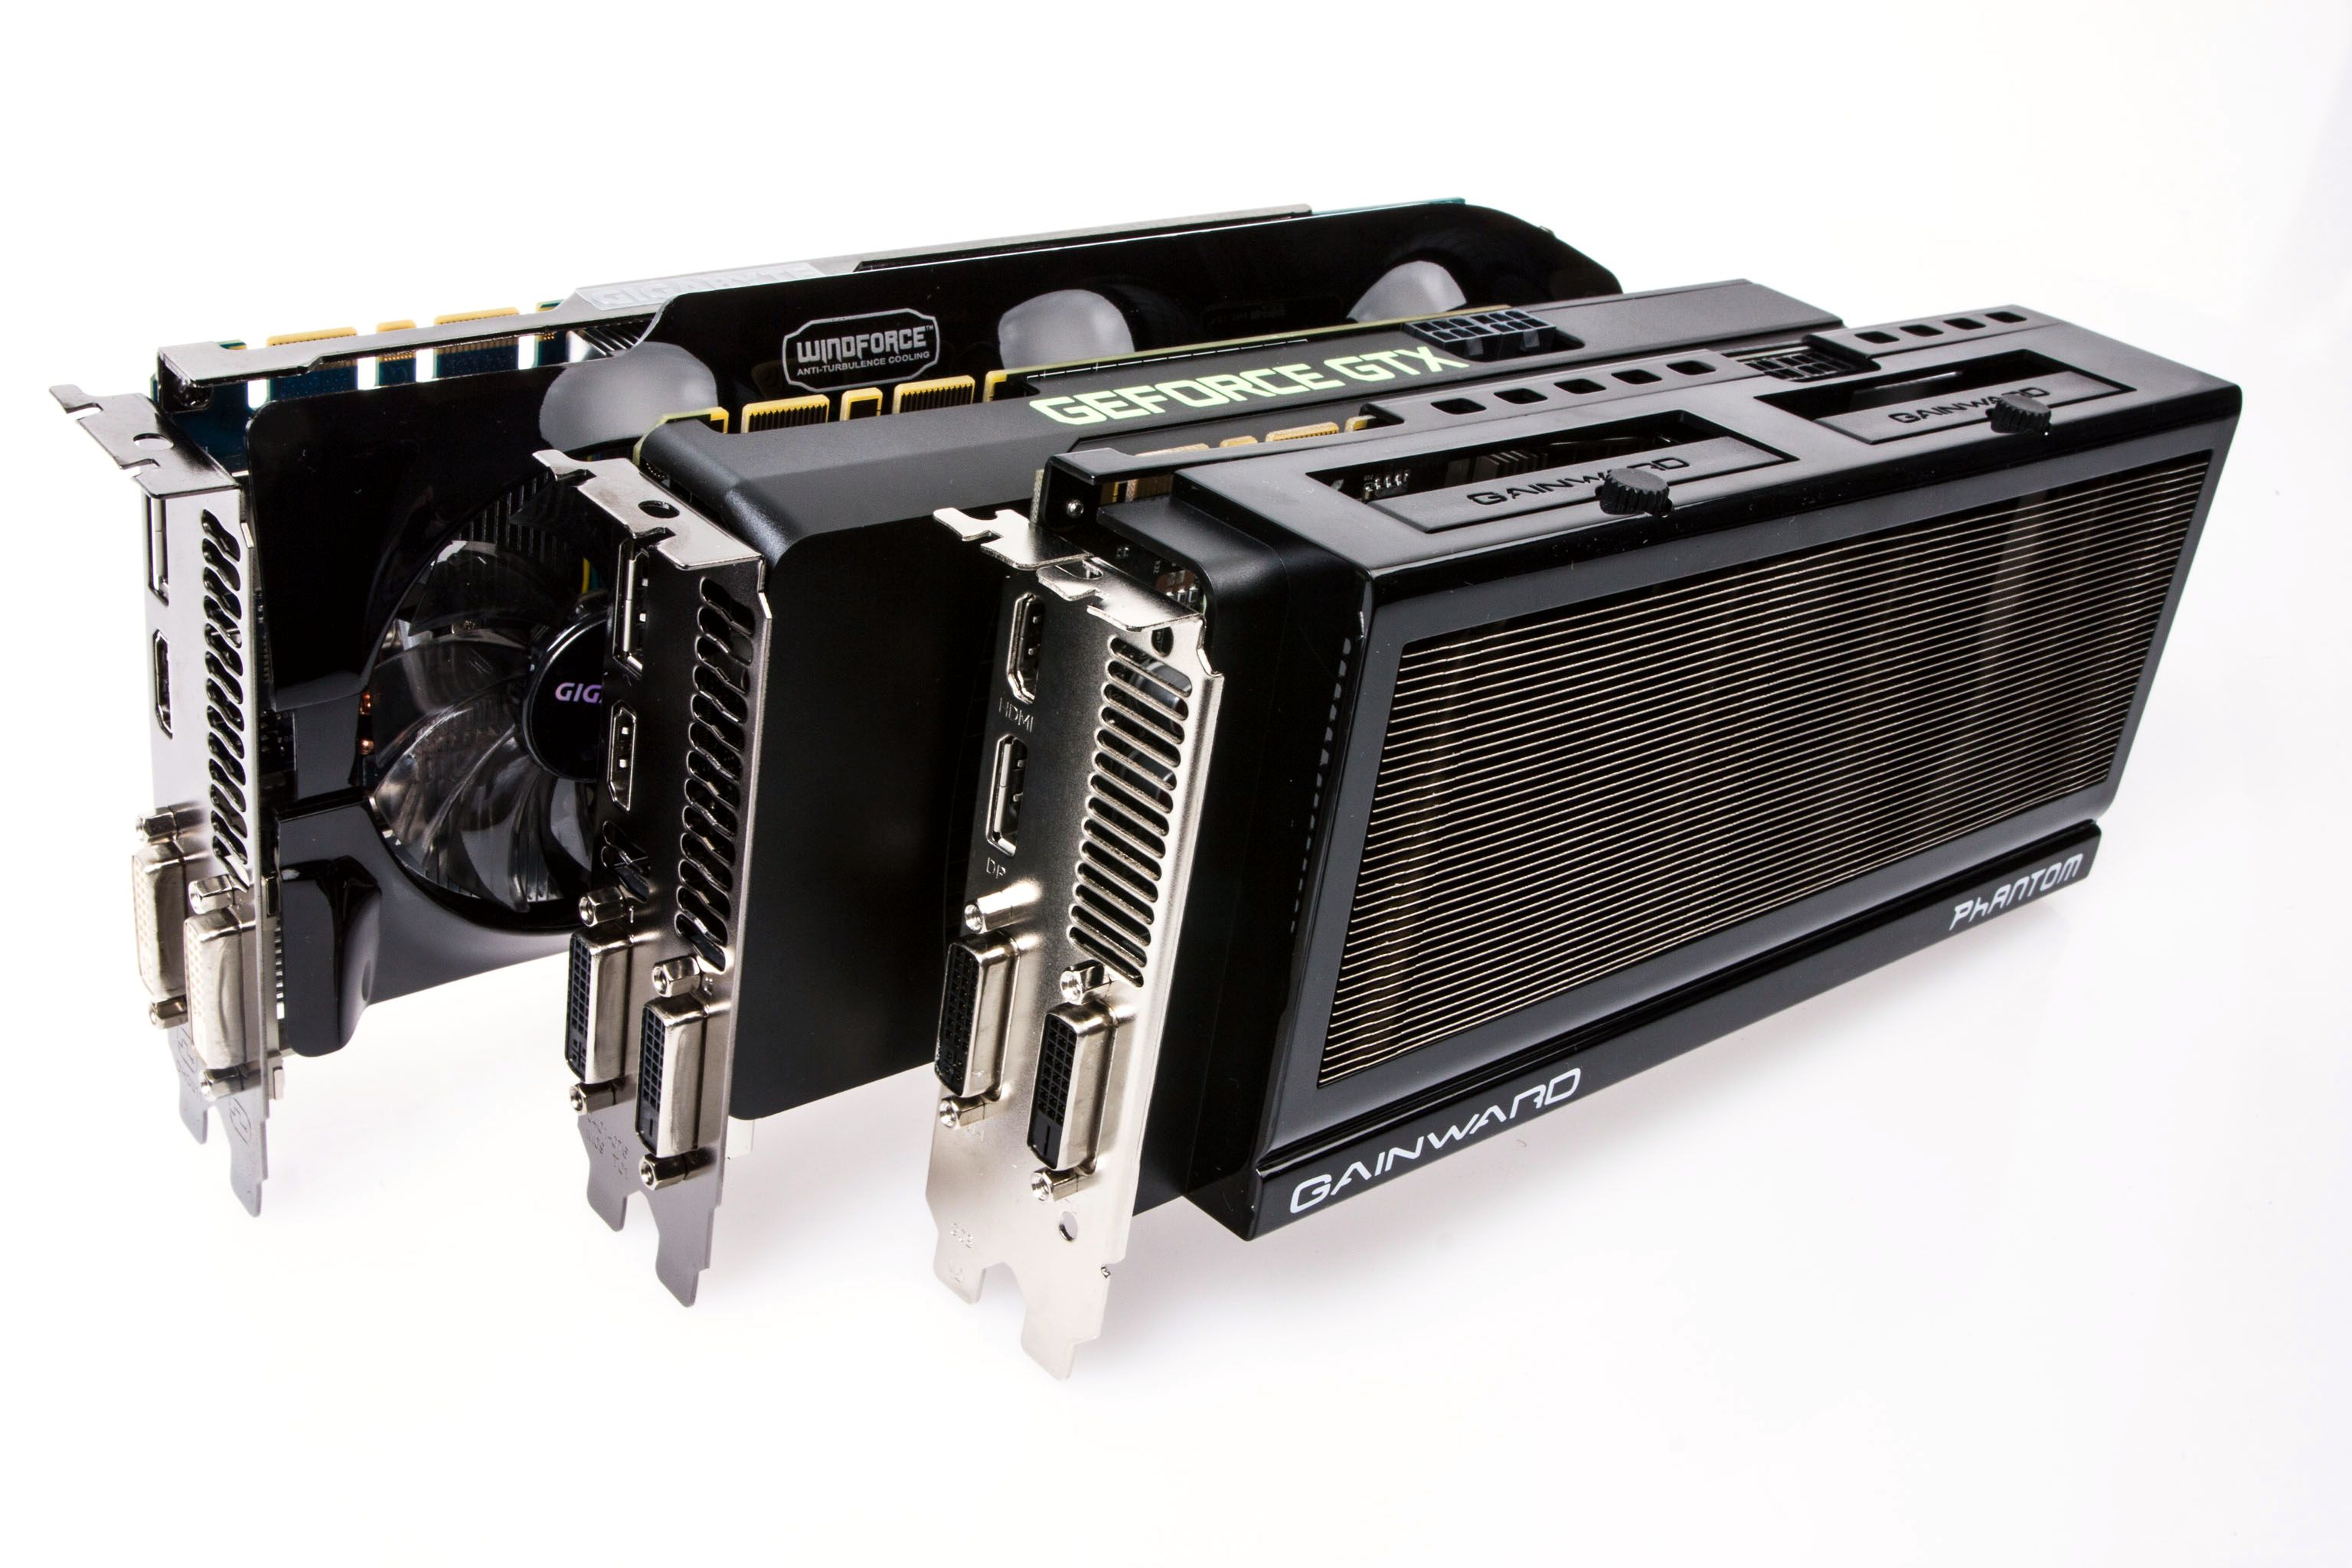 Våre tre GeForce GTX 760-modeller.Foto: Varg Aamo, Hardware.no